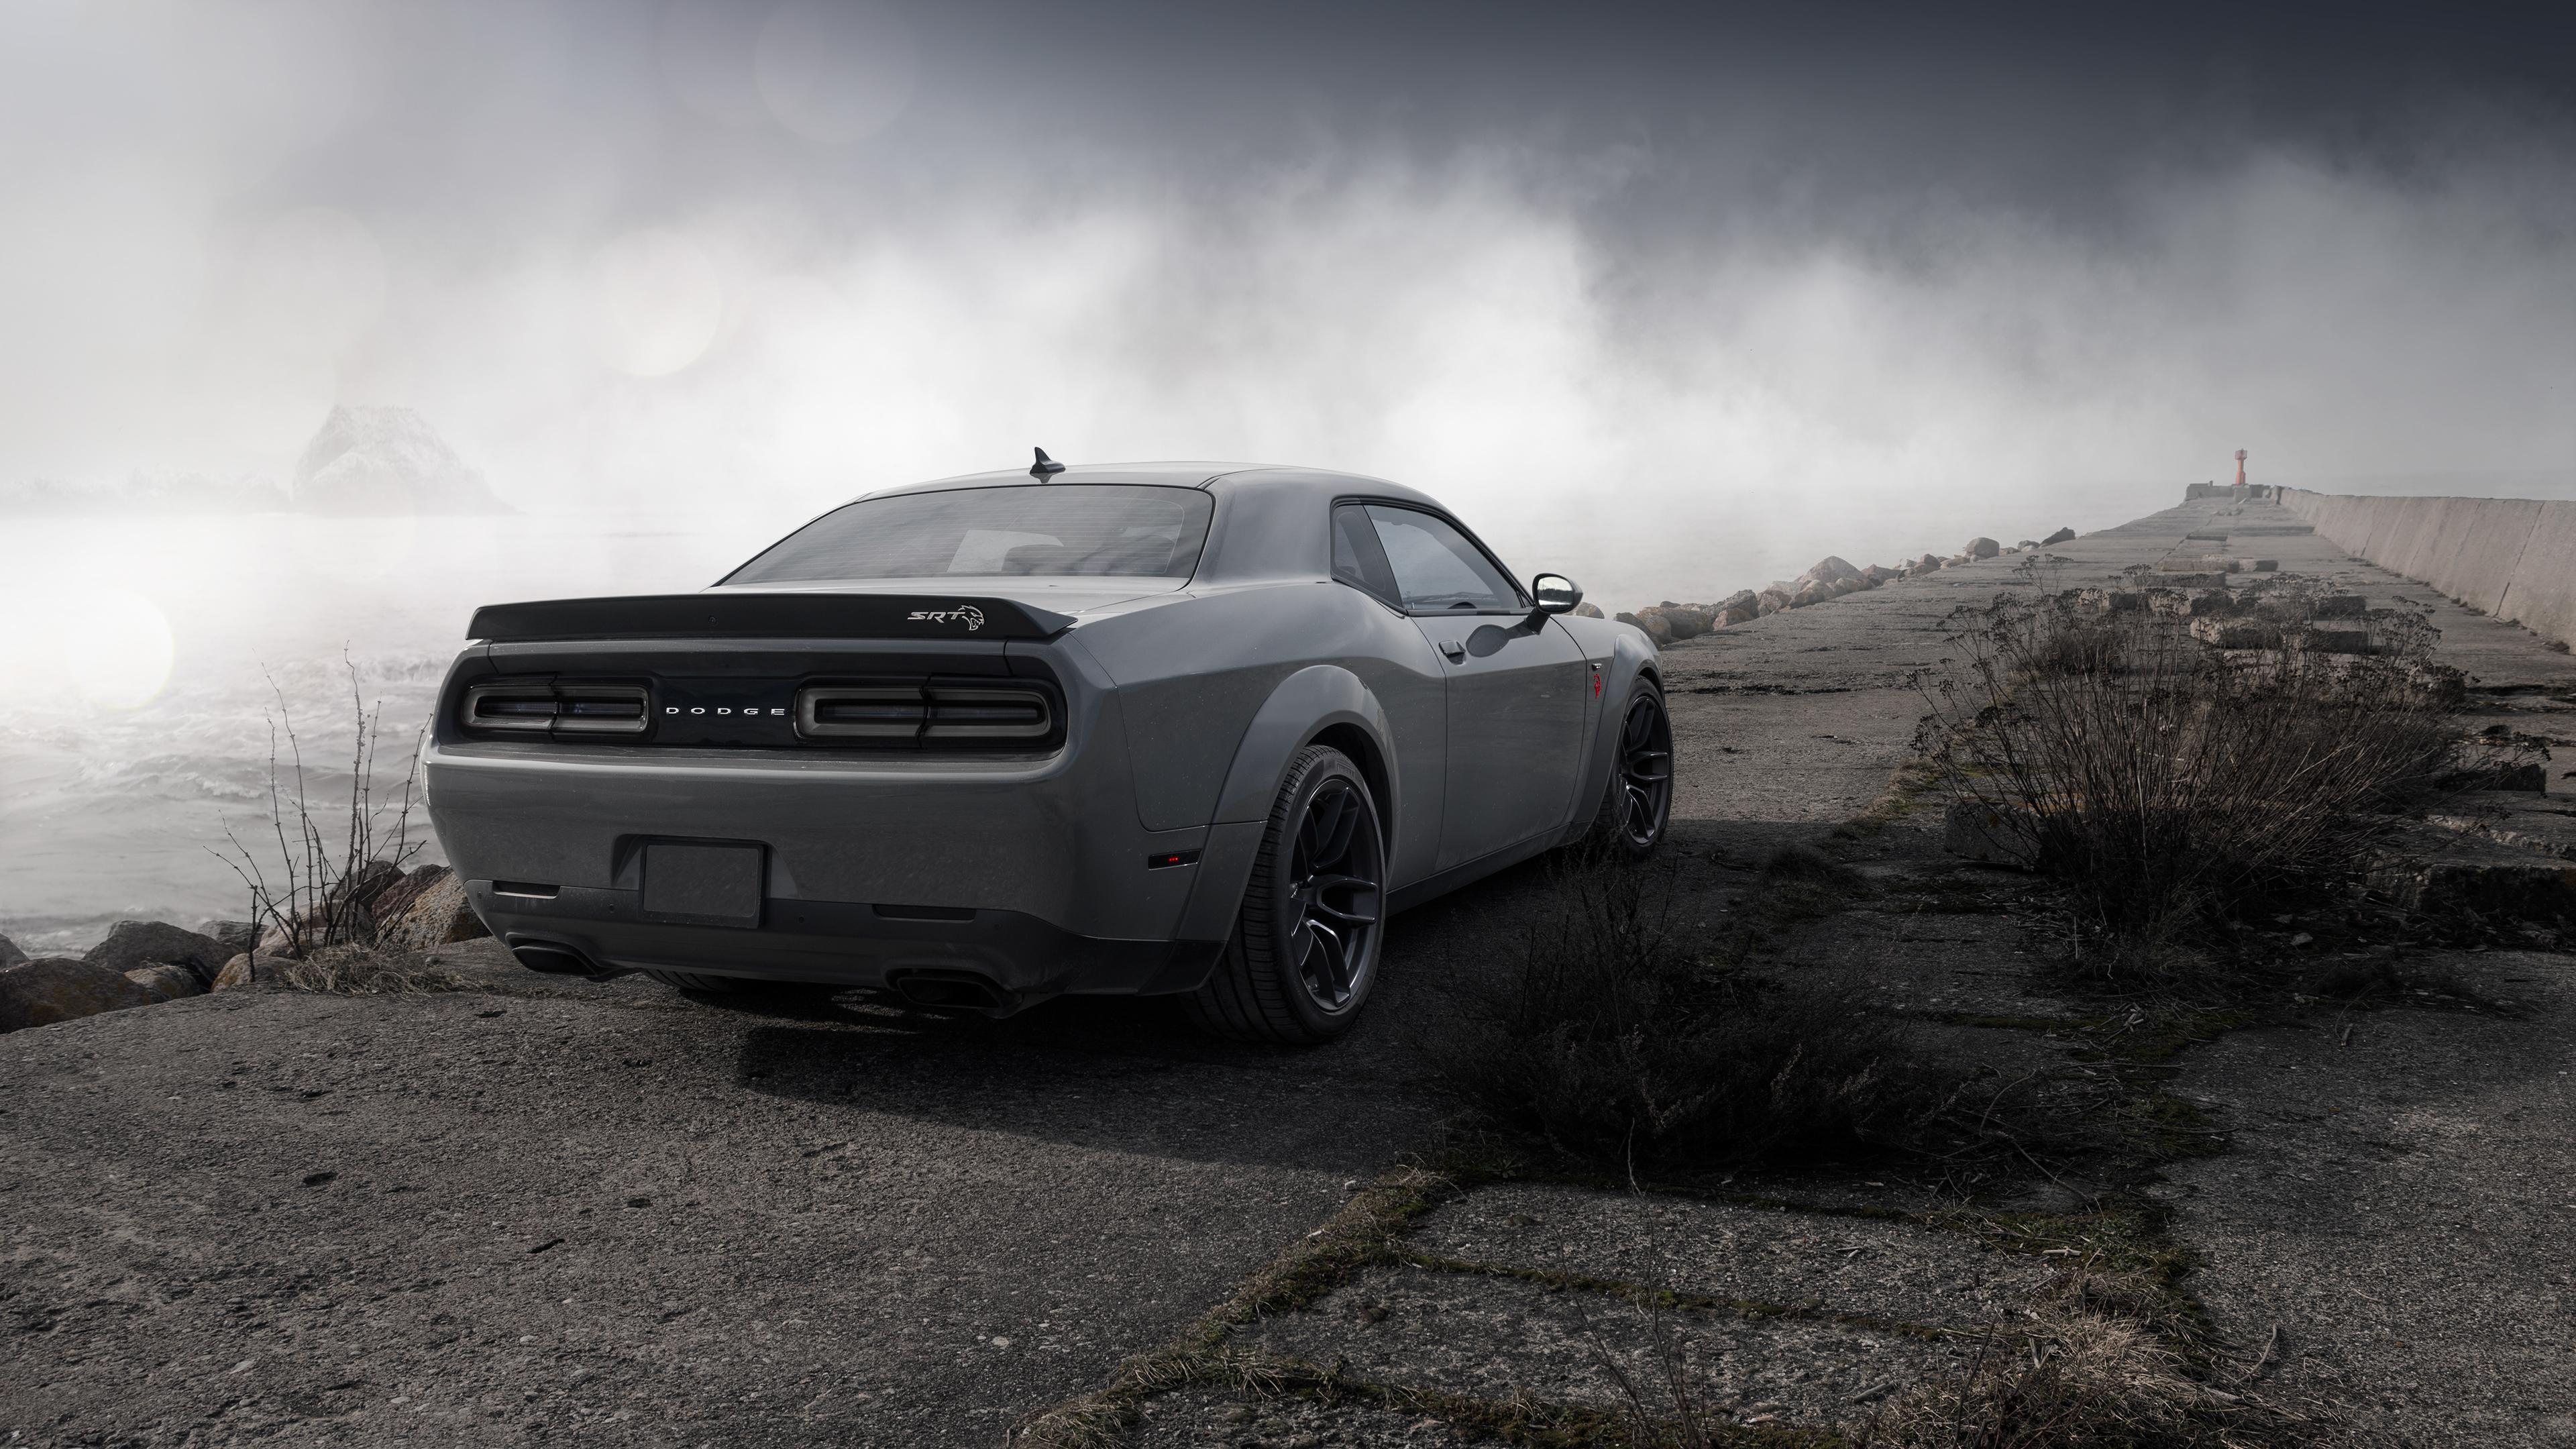 dodge challenger demon srt rear 1572661082 - Dodge Challenger Demon SRT Rear - hd-wallpapers, dodge wallpapers, dodge challenger wallpapers, cars wallpapers, behance wallpapers, 4k-wallpapers